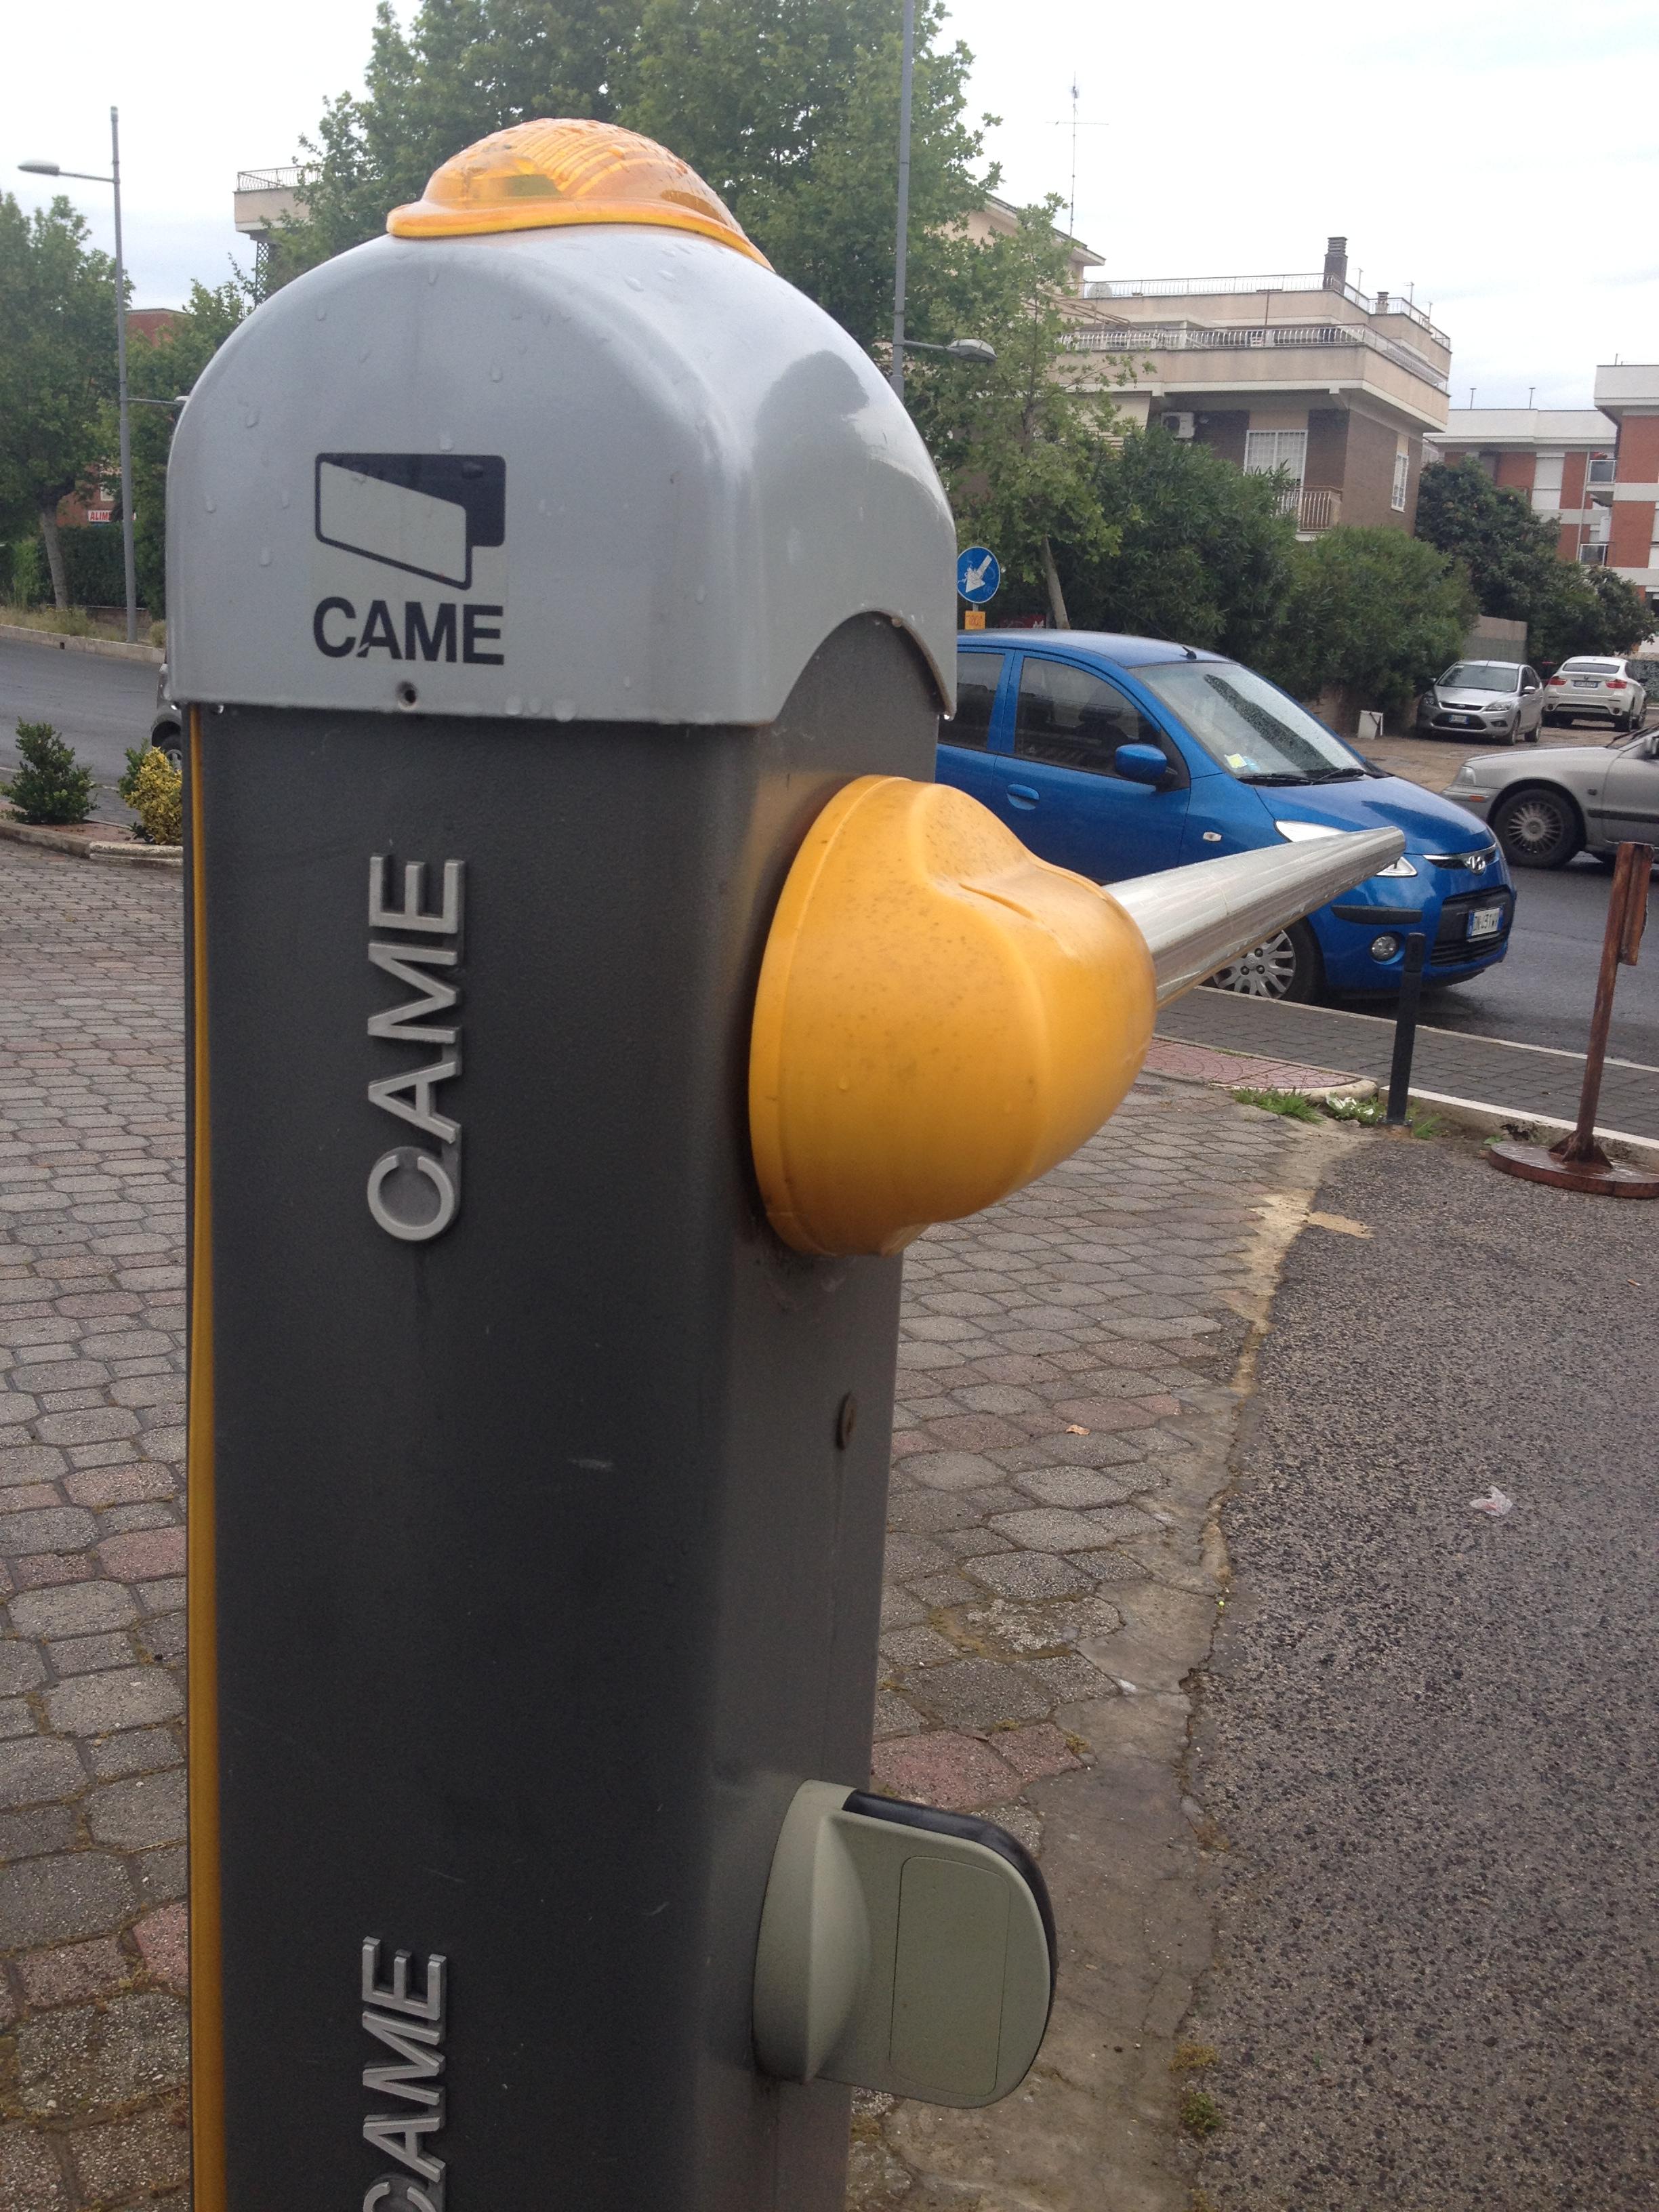 controllo accessi installazione e assistenza anzio nettuno roma